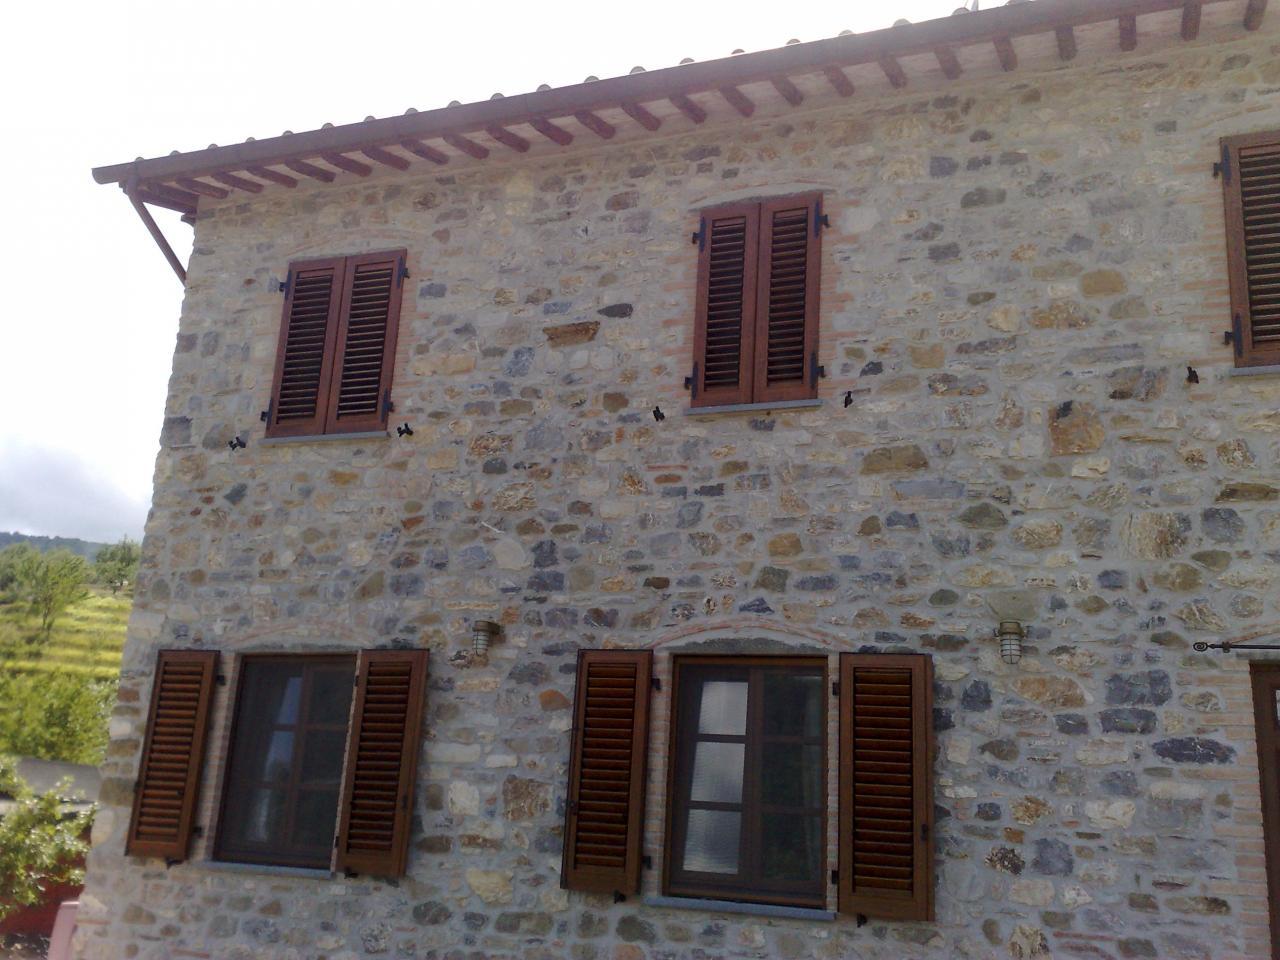 Rustico / Casale in vendita a Borgo a Mozzano, 5 locali, zona Zona: Valdottavo, prezzo € 380.000 | CambioCasa.it